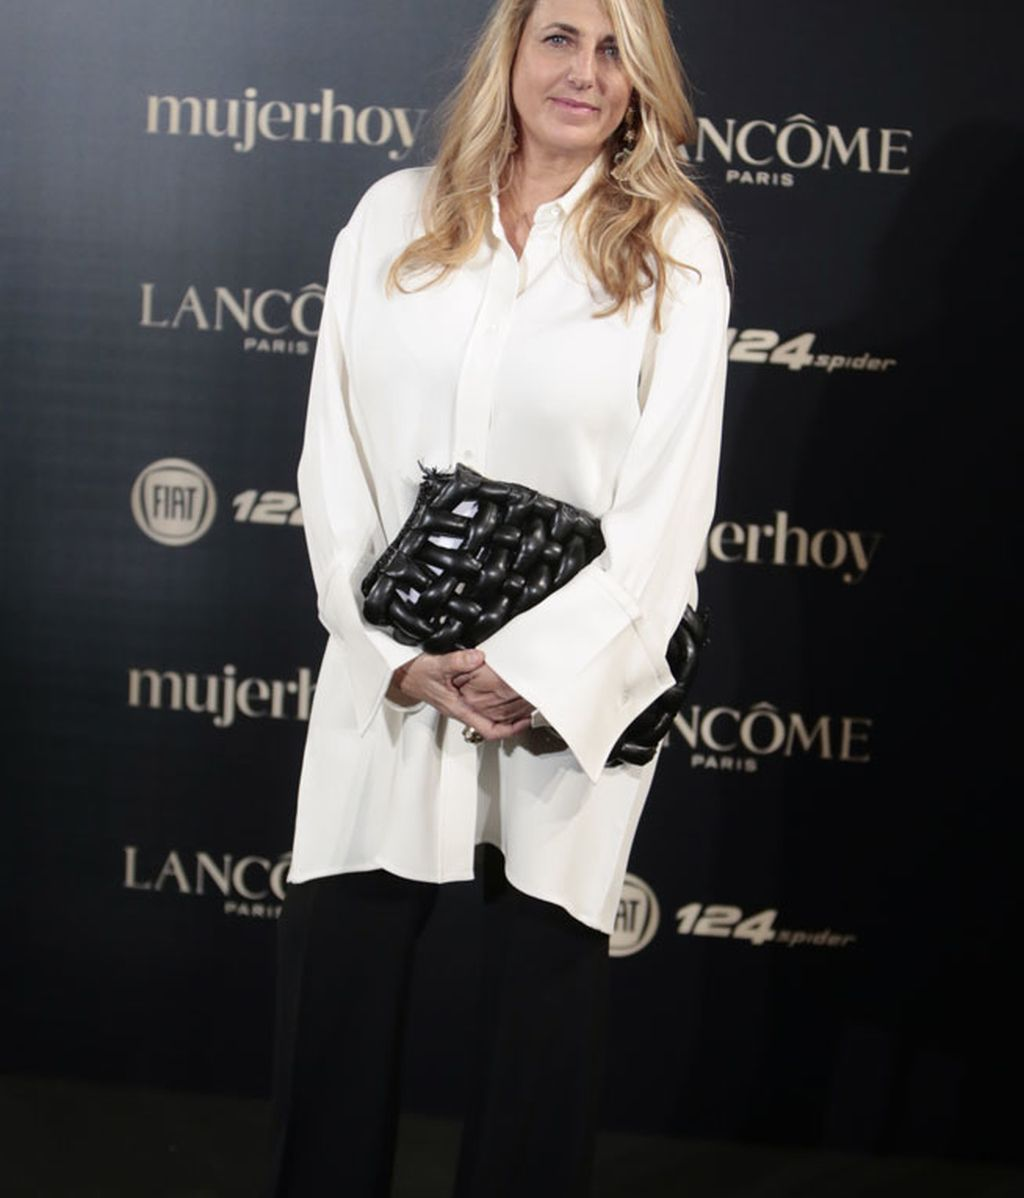 Una de las diseñadoras más influyentes, Patricia Urquiola, también premiada